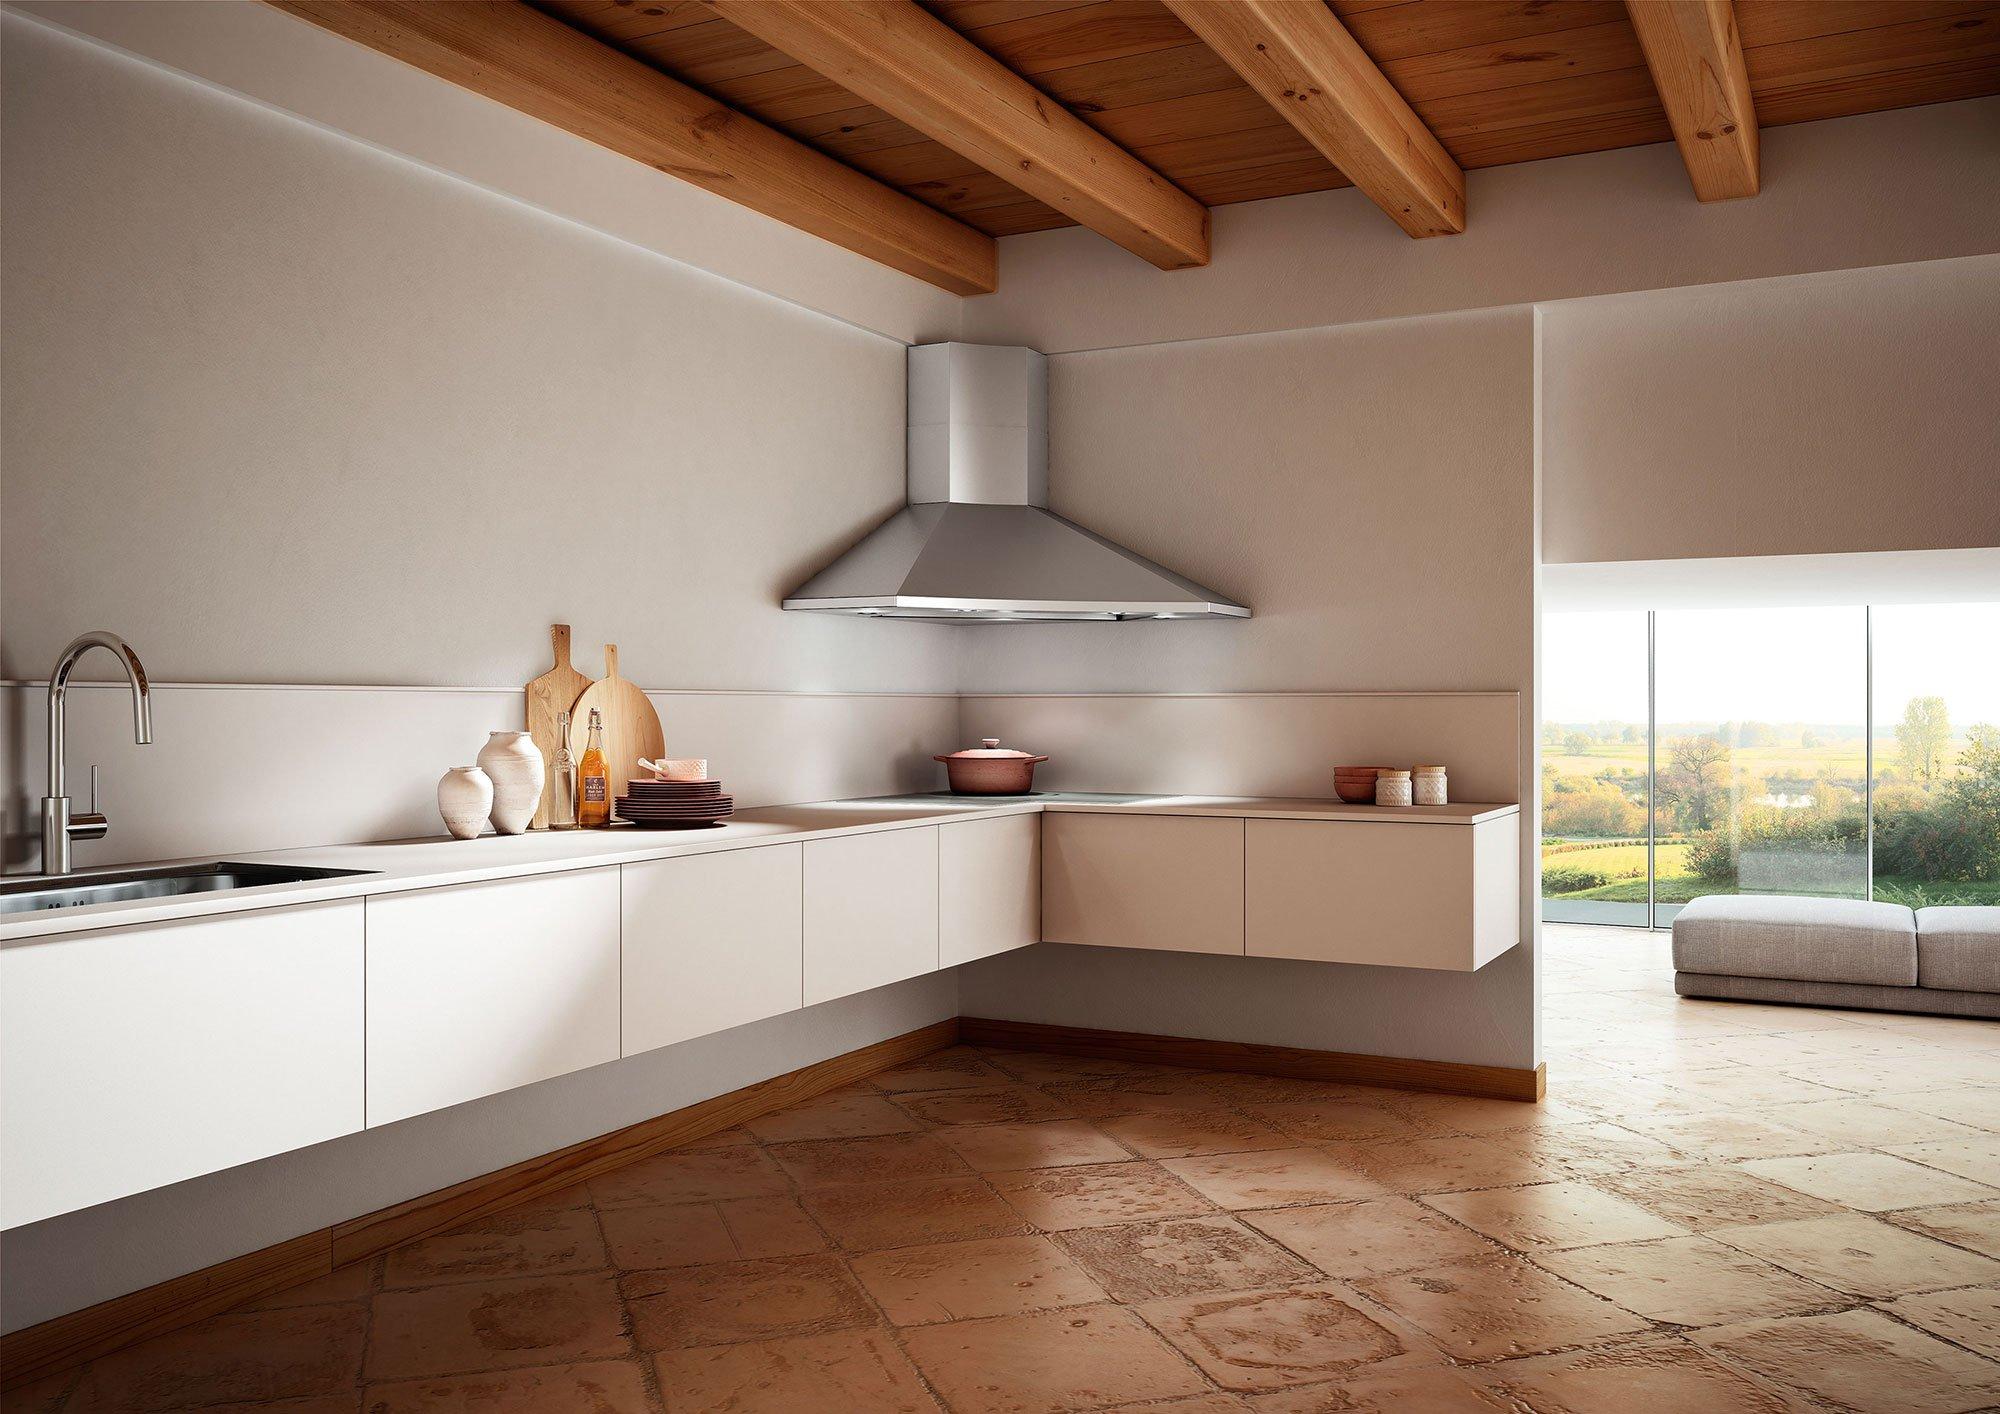 Angoli risolti in cucina cose di casa - Composizione cucina ad angolo ...